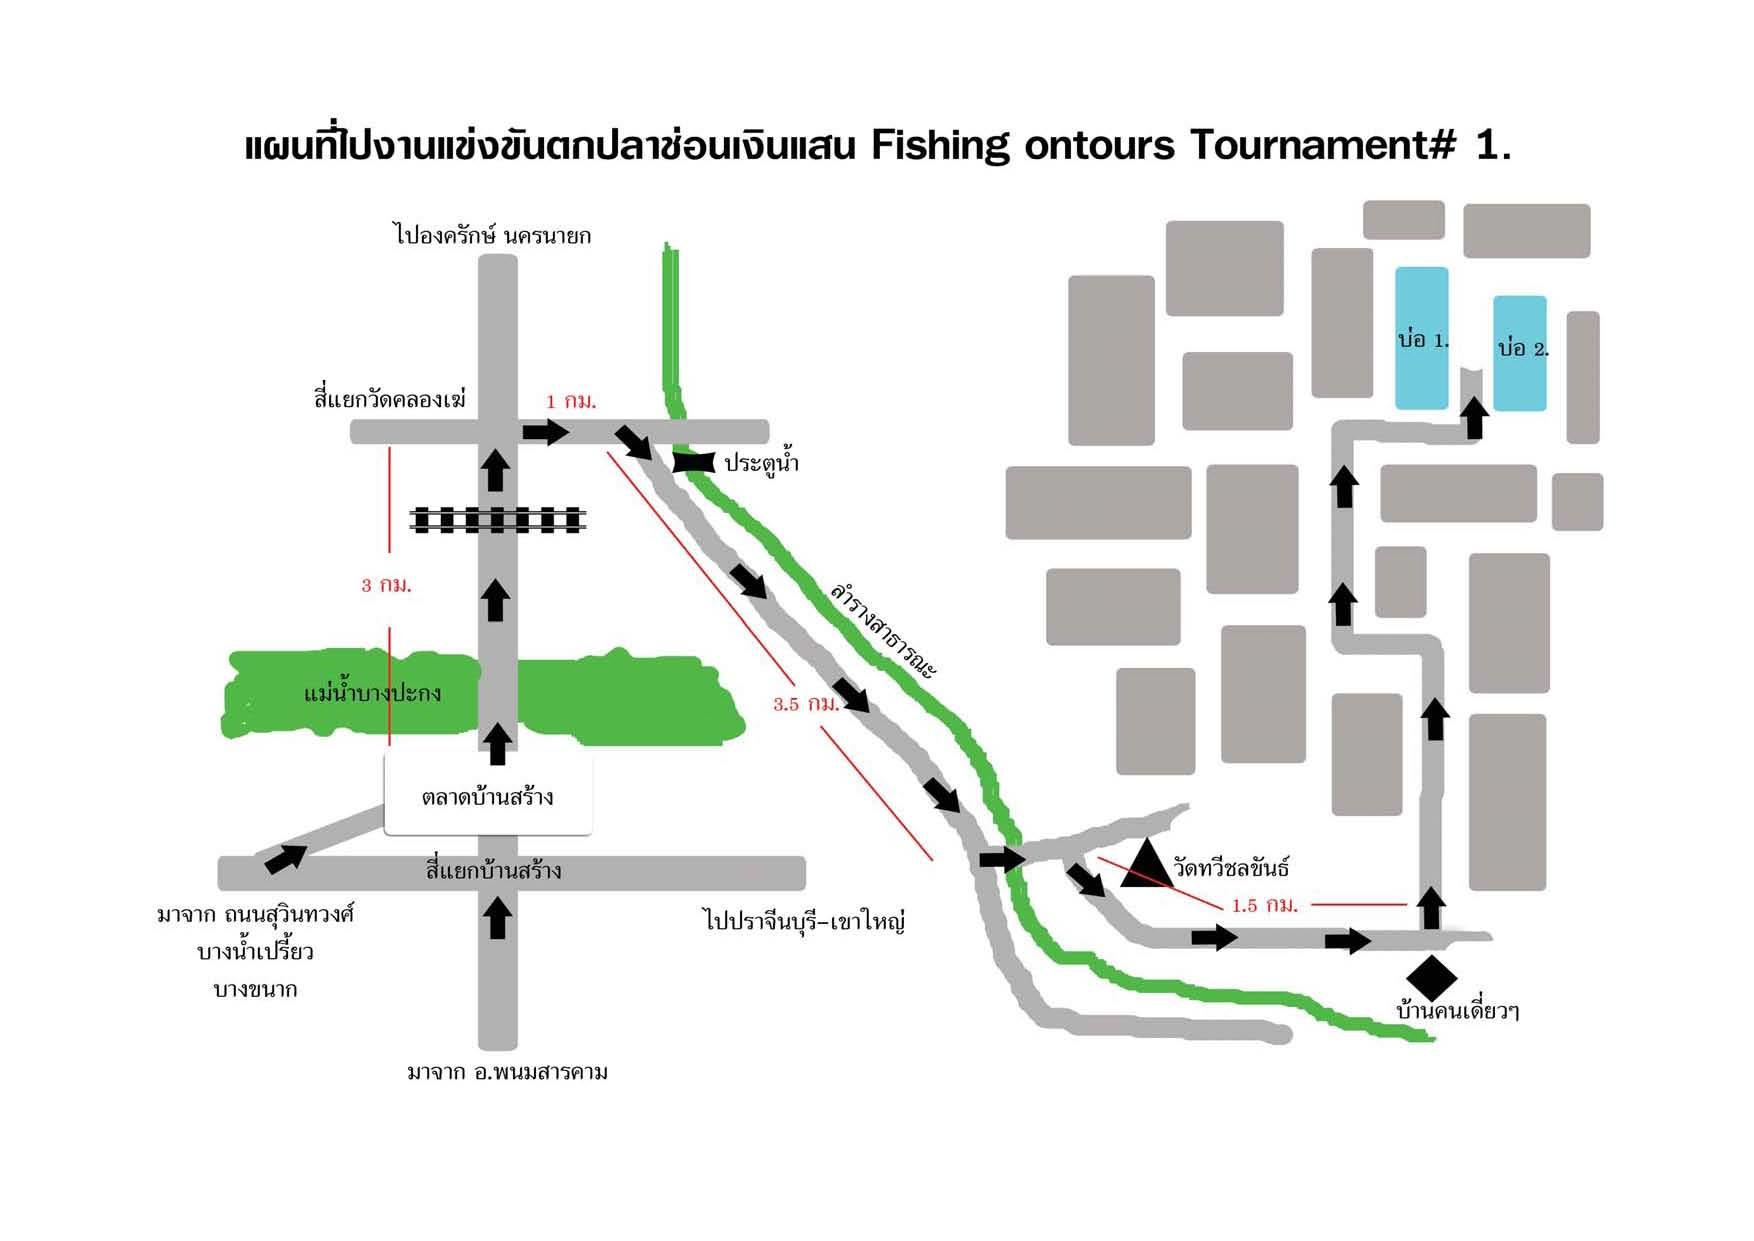 การแข่งขันตกปลาช่อนแม็ทช์  ช่อนสะท้านใจ  ชิงเงินรางวัลมากกว่า 400,000 บาท